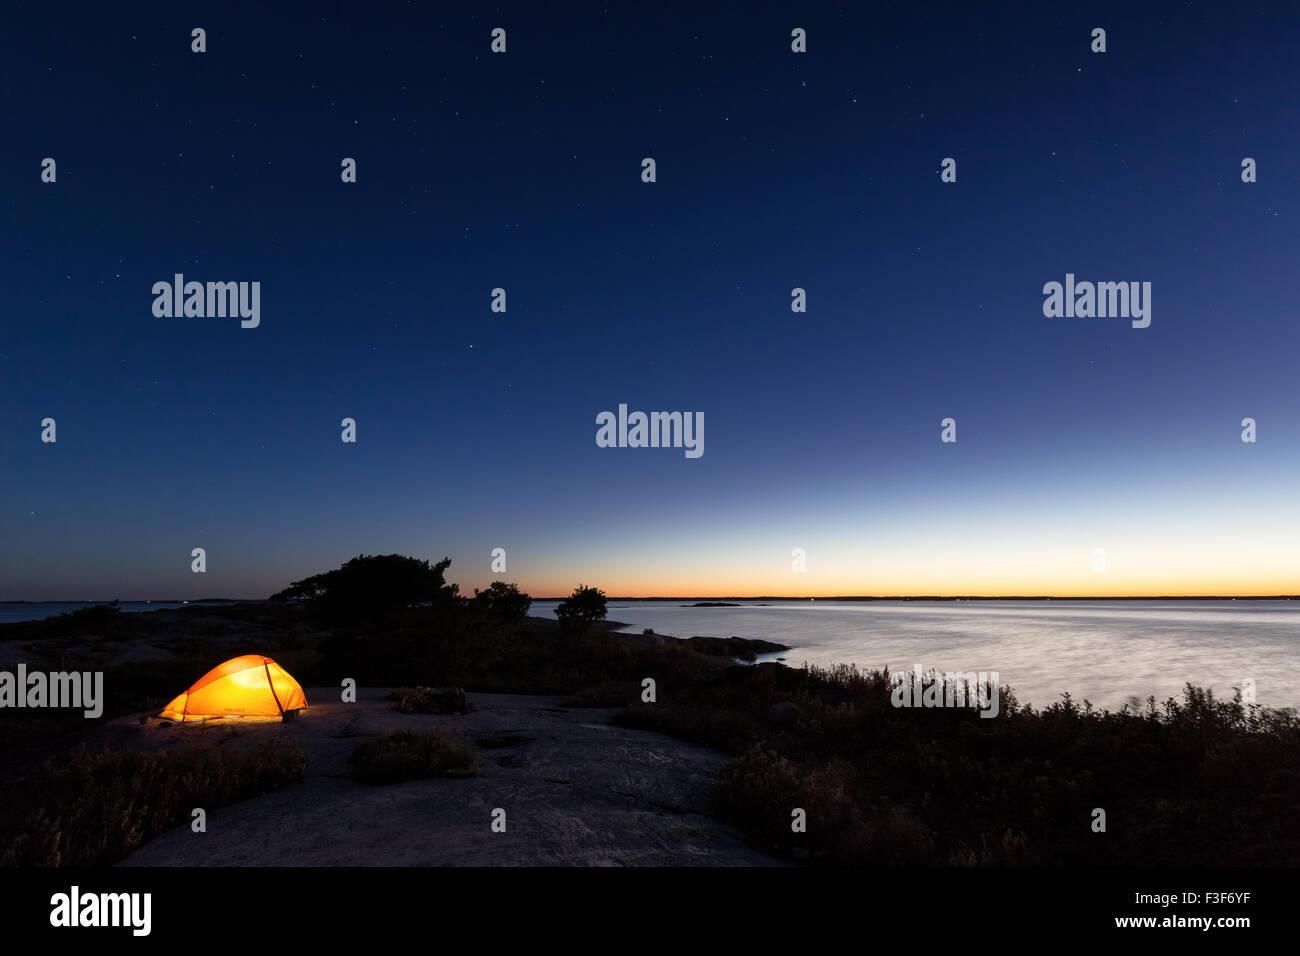 Nacht kommt auf Örskär Island, Espoo, Finnland, Europa, EU Stockbild